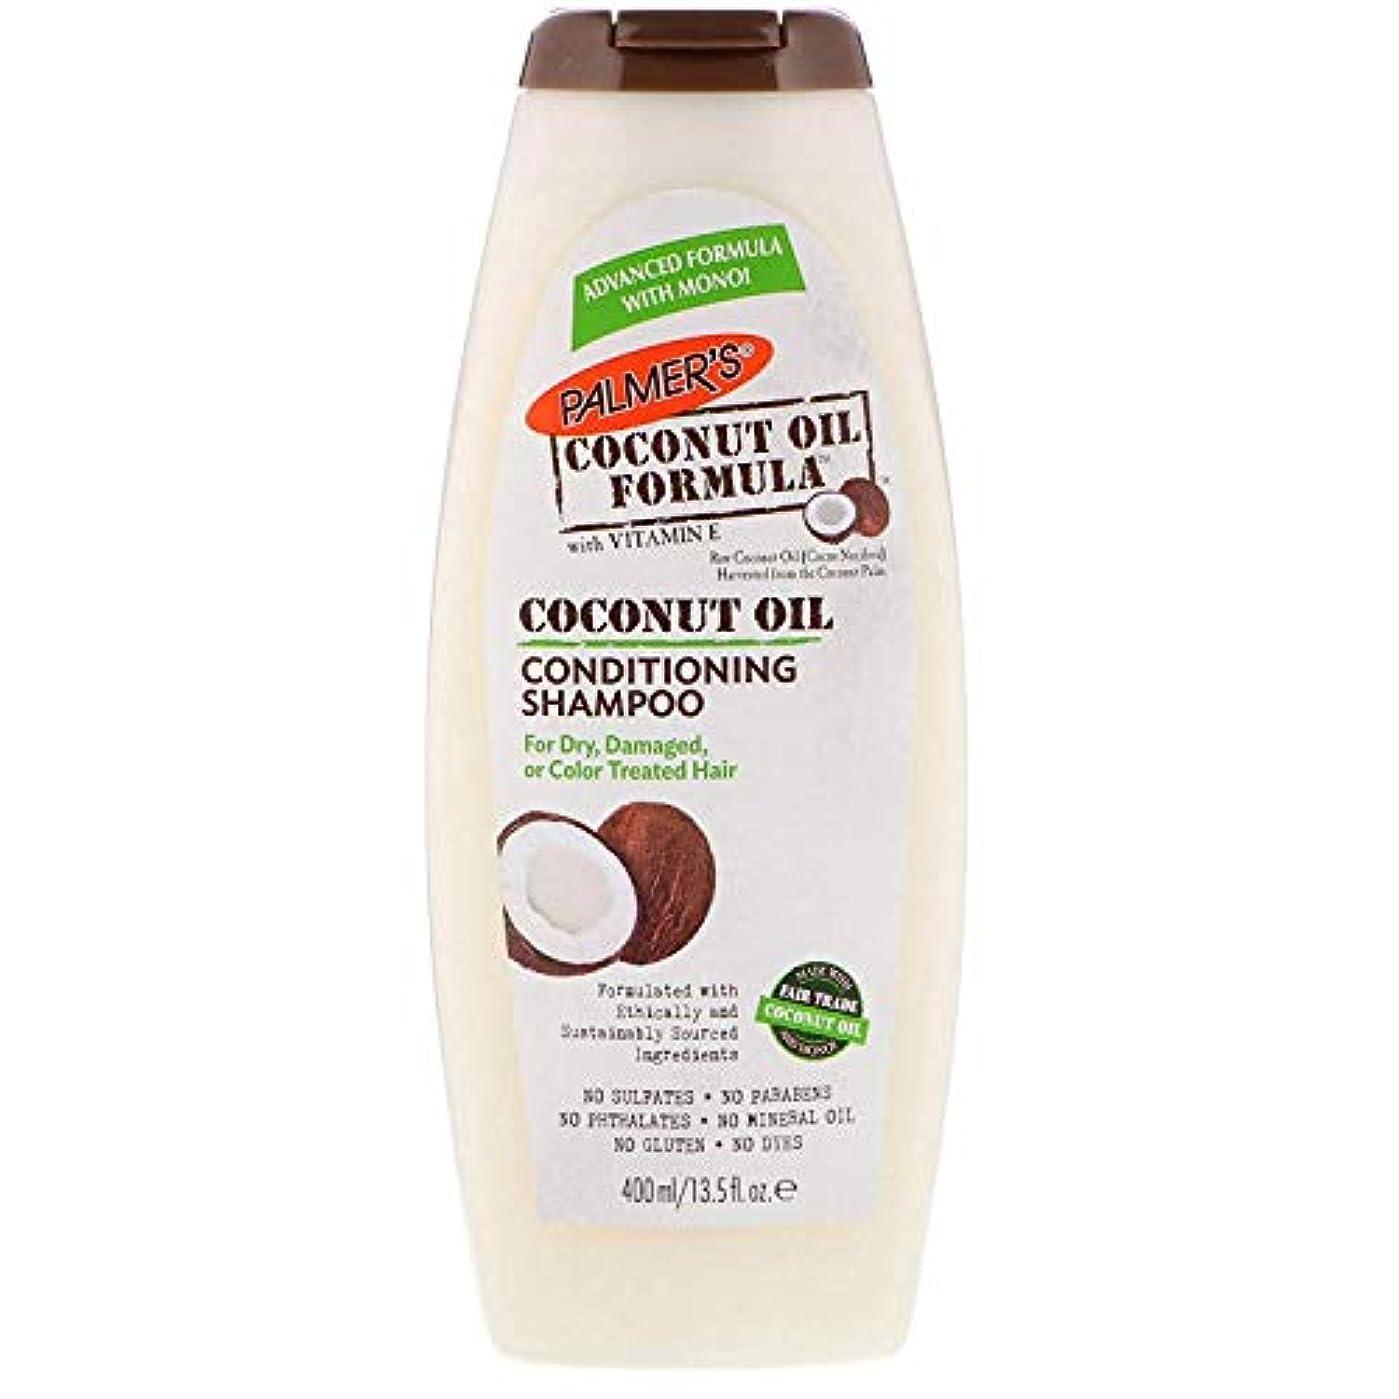 申し立て対立季節Palmer's ココナッツオイル ダメージヘア水分補給 シャンプー 13.5 fl oz (400 ml) [並行輸入品]